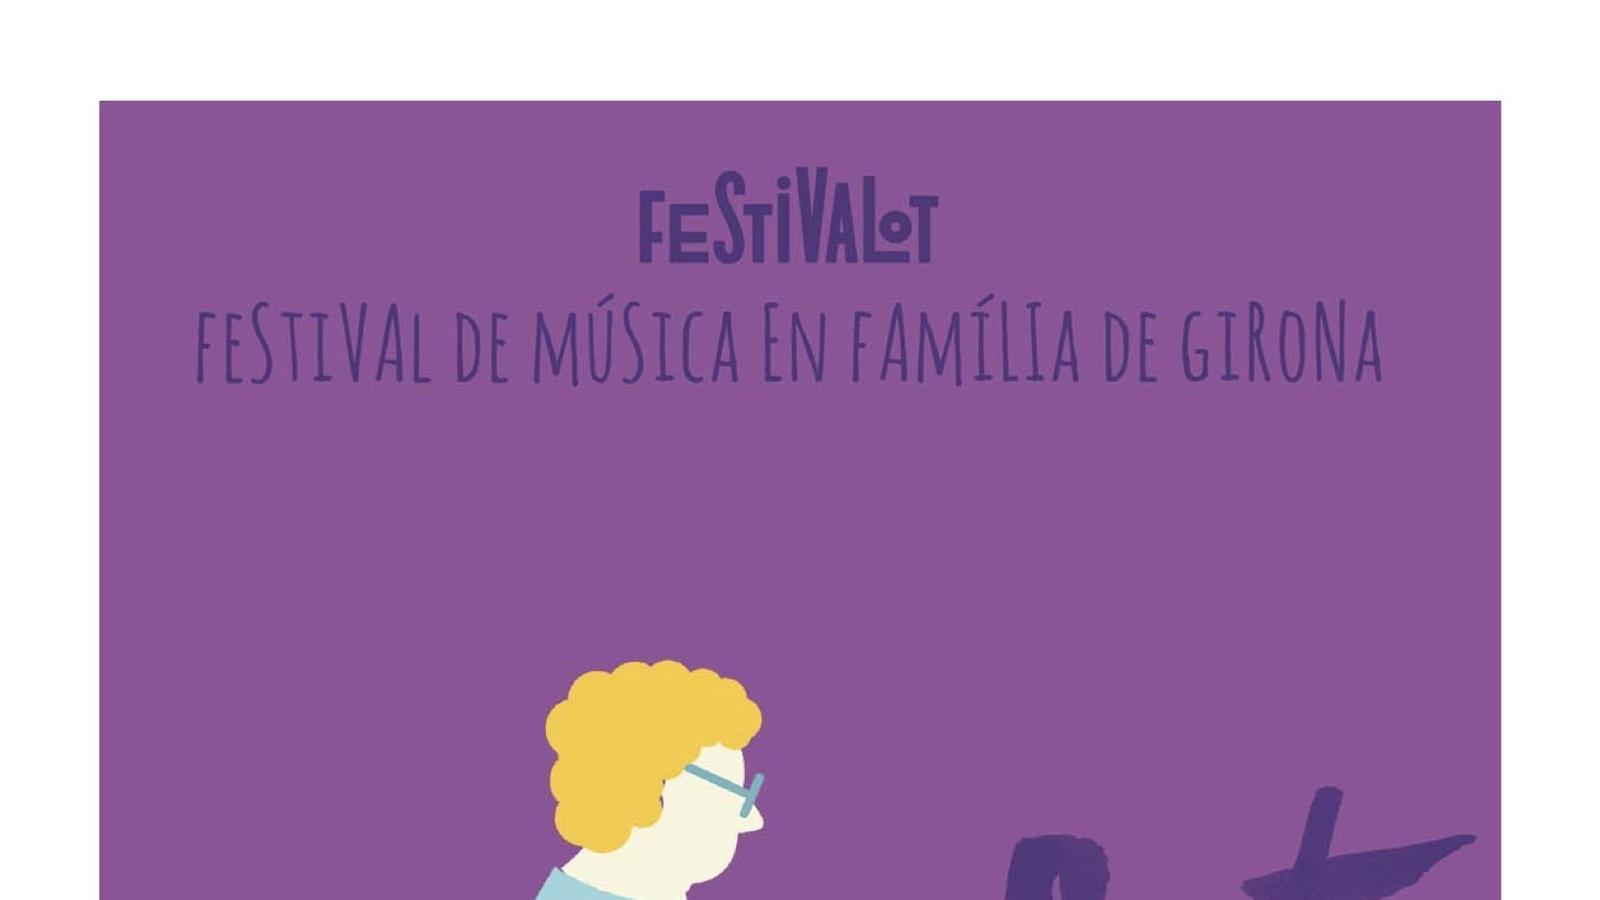 ESPECIAL_20160526_FESTIVALOT-Pàgina 1-AraPrimera